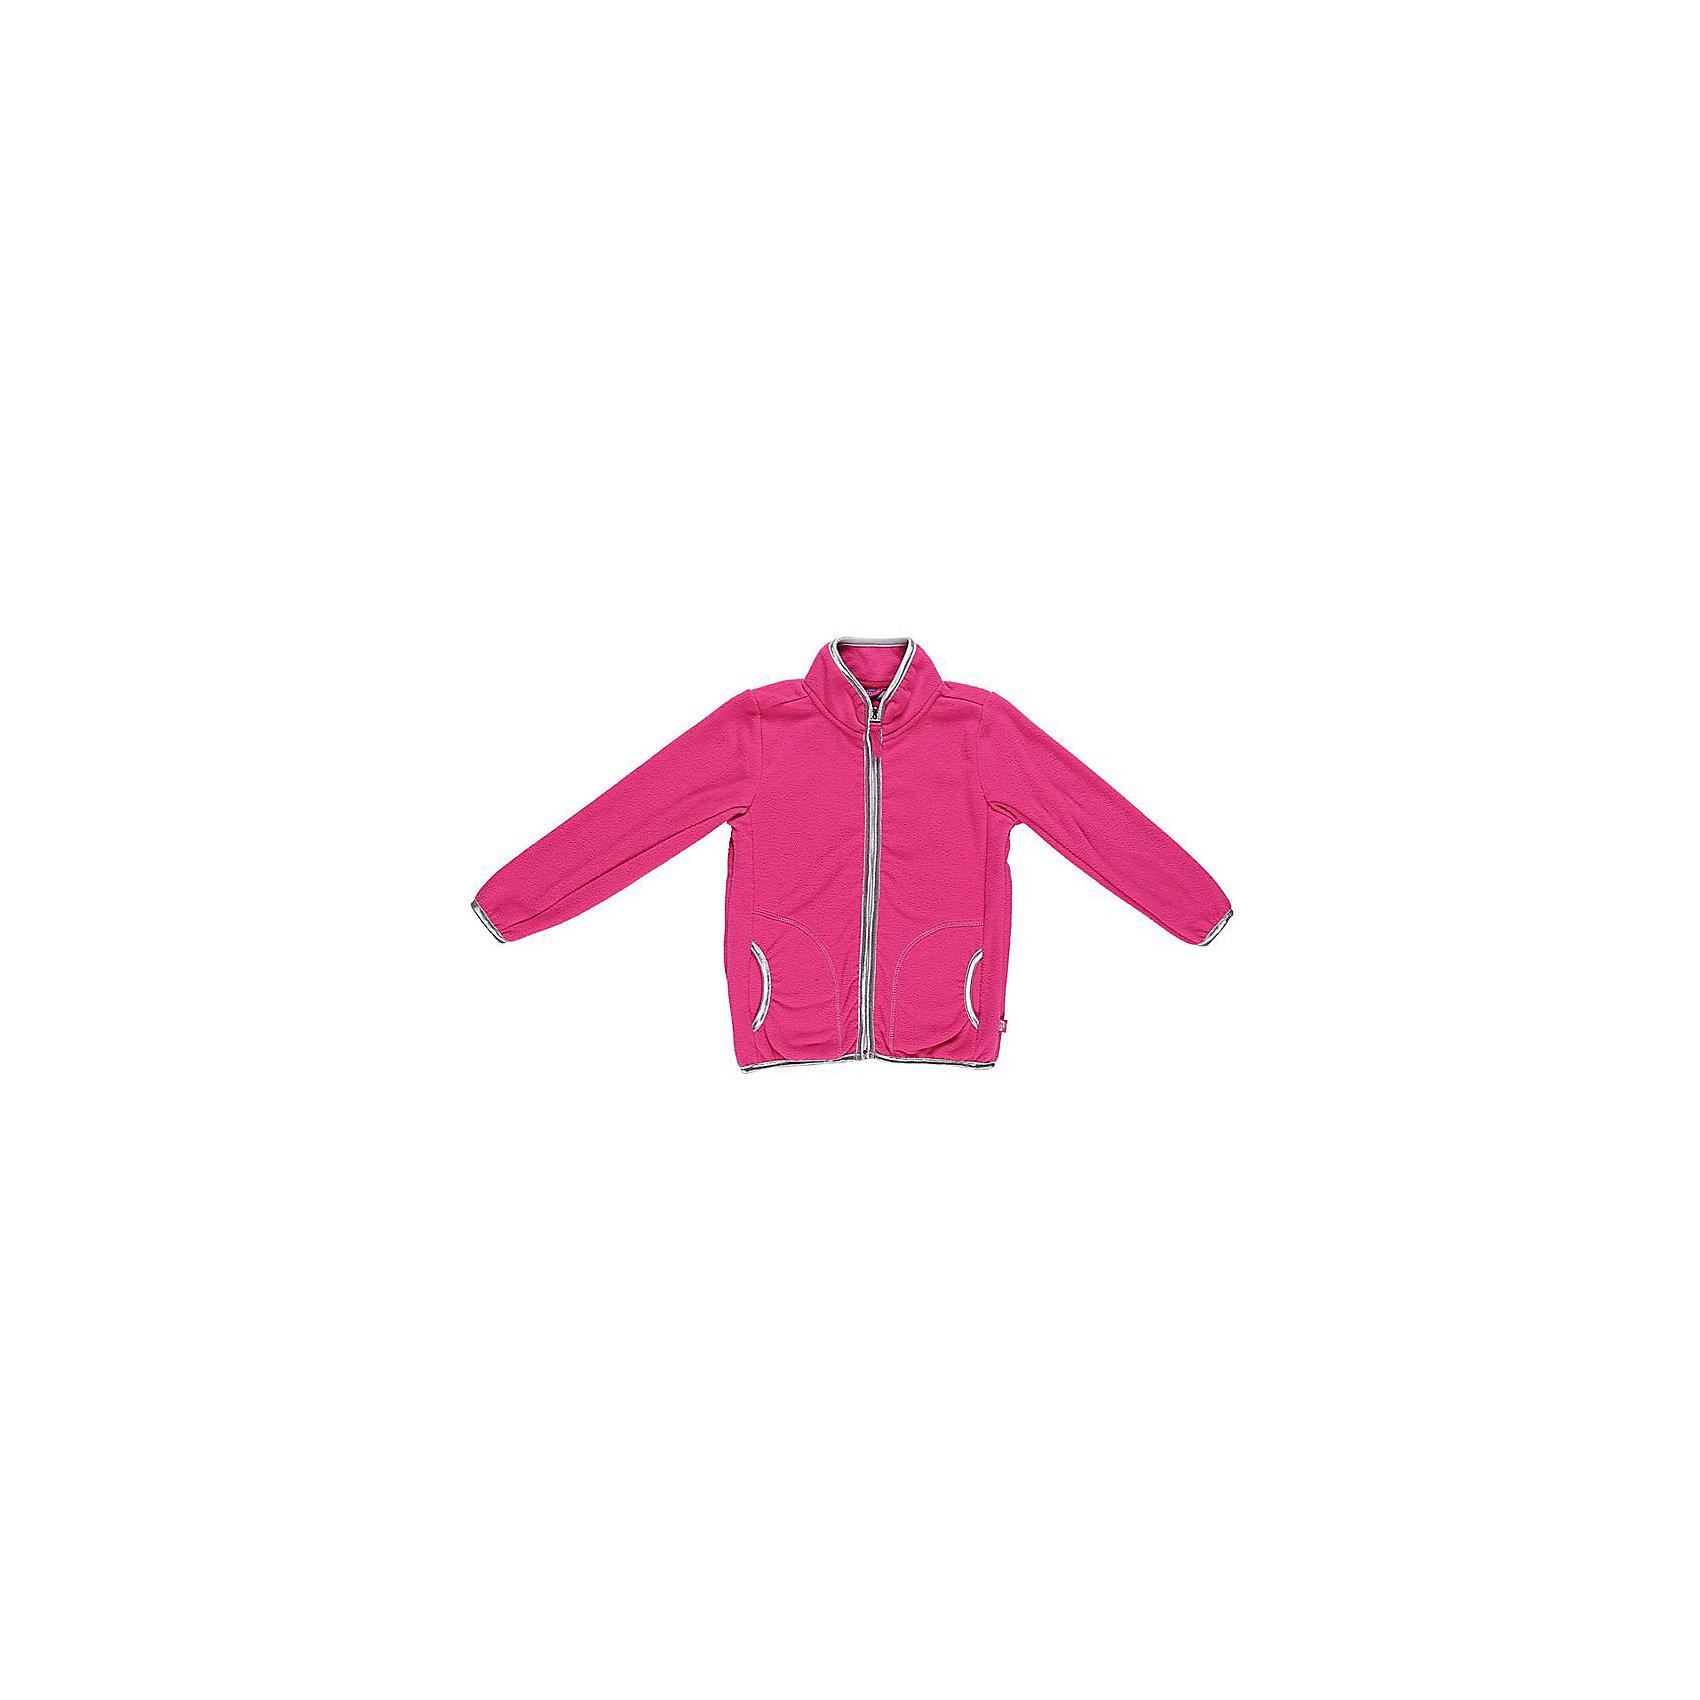 Толстовка флисовая для девочки Sweet BerryФлис и термобелье<br>Флисовые вещи - очень мягкие и теплые. С наступлением холодов важно найти удобные, а главное, теплые вещи, которые подходят к множеству вещей из уже существующего гардероба. Толстовка из новой коллекции приятного цвета – прекрасное решение для обновления осеннего образа. Оригинальный дизайн оценят все модницы, а материал и согревающие функции – любительницы комфортных и уютных вещей. Толстовка выполнена из мягкого флиса. Материалы, использованные при изготовлении одежды, полностью безопасны для детей и отвечают всем требованиям по качеству продукции данной категории.<br><br>Дополнительная информация: <br><br>застежка: молния;<br>цвет: розовый;<br>карманы;<br>материал: 100% полиэстер.<br><br>Толстовку флисовую для девочки от компании Sweet Berry можно приобрести в нашем магазине.<br><br>Ширина мм: 190<br>Глубина мм: 74<br>Высота мм: 229<br>Вес г: 236<br>Цвет: розовый<br>Возраст от месяцев: 72<br>Возраст до месяцев: 84<br>Пол: Женский<br>Возраст: Детский<br>Размер: 122,104,110,116,128,134,92,98<br>SKU: 4960031